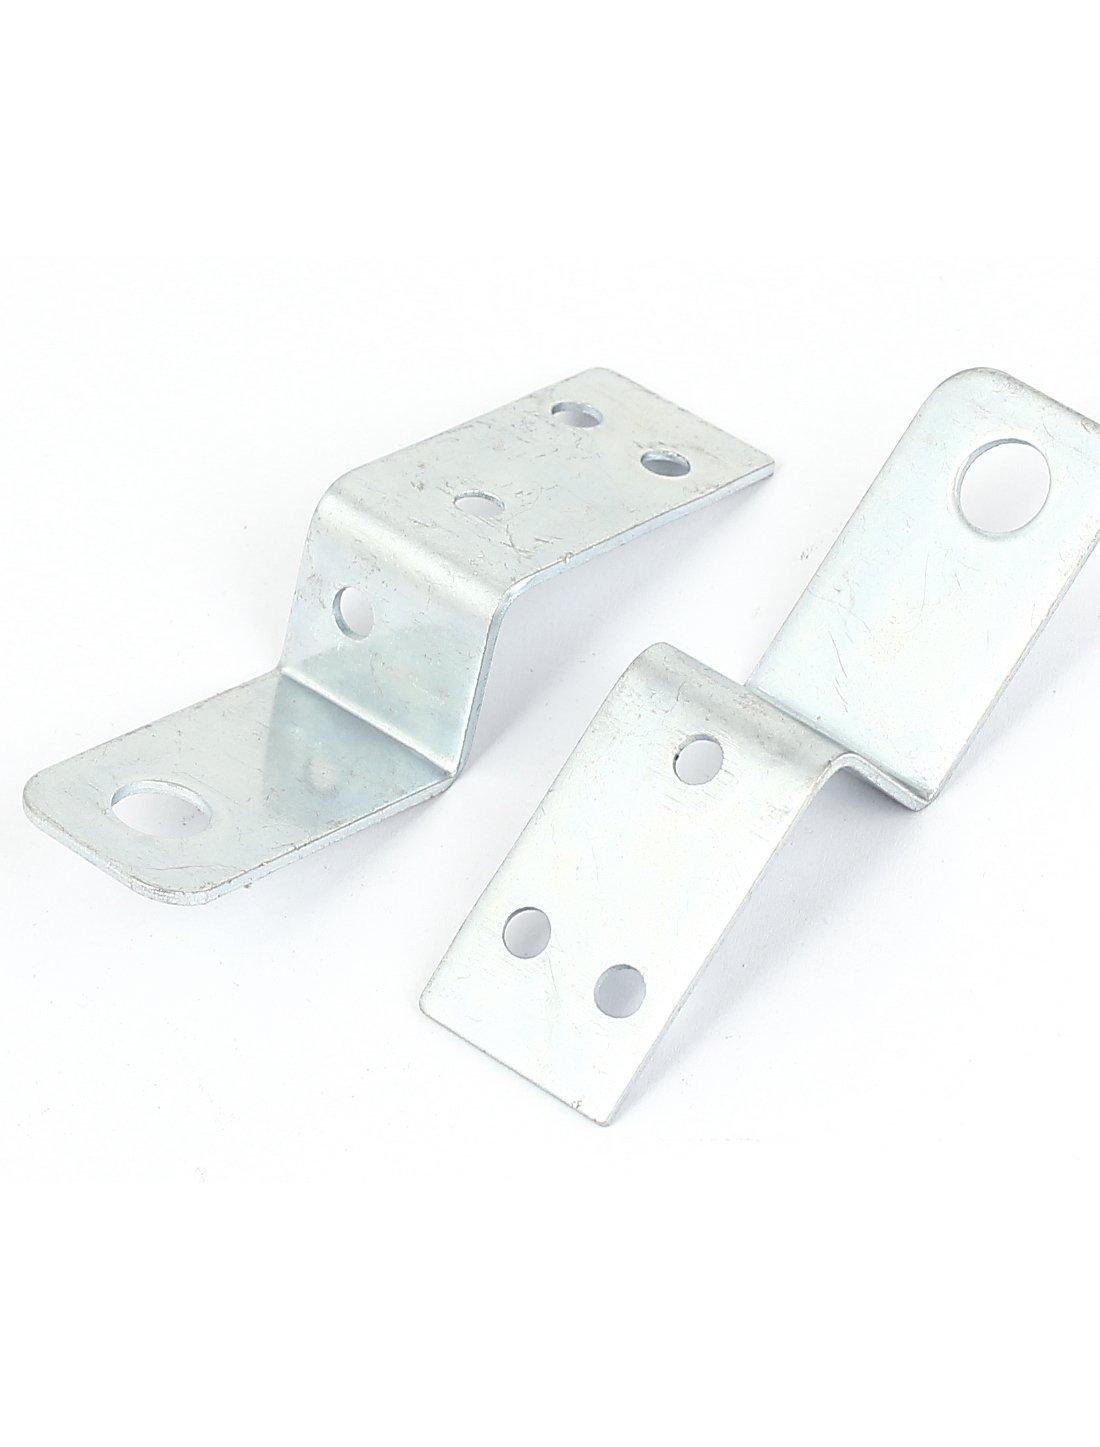 70mmx18mm Z-Form-Shelf-Ecke Platte rechtwinklig Bracket 10pcs